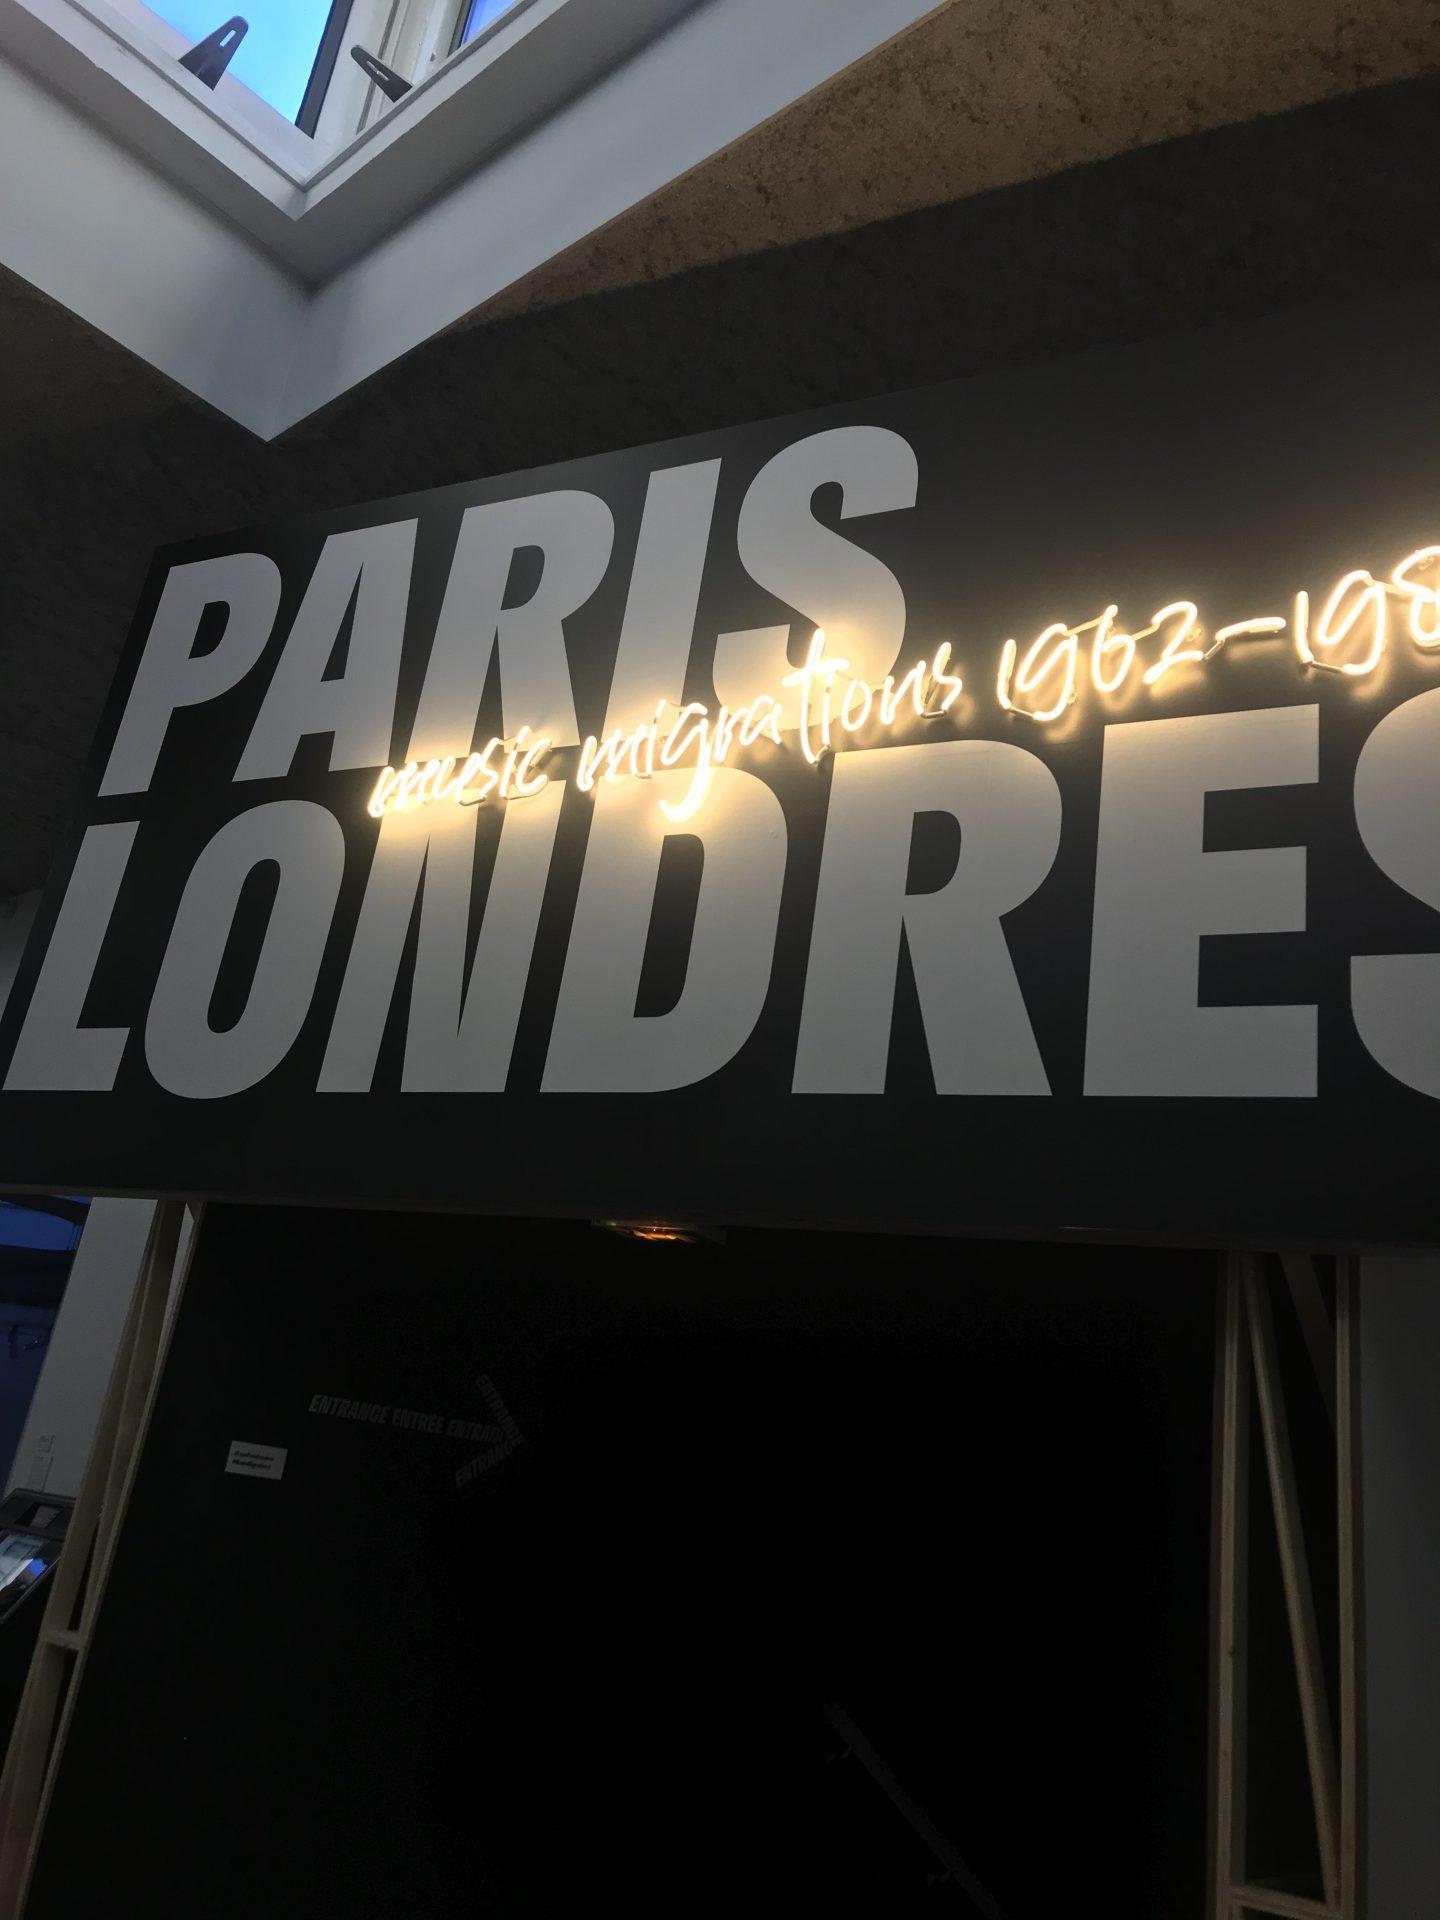 expos Paris musique